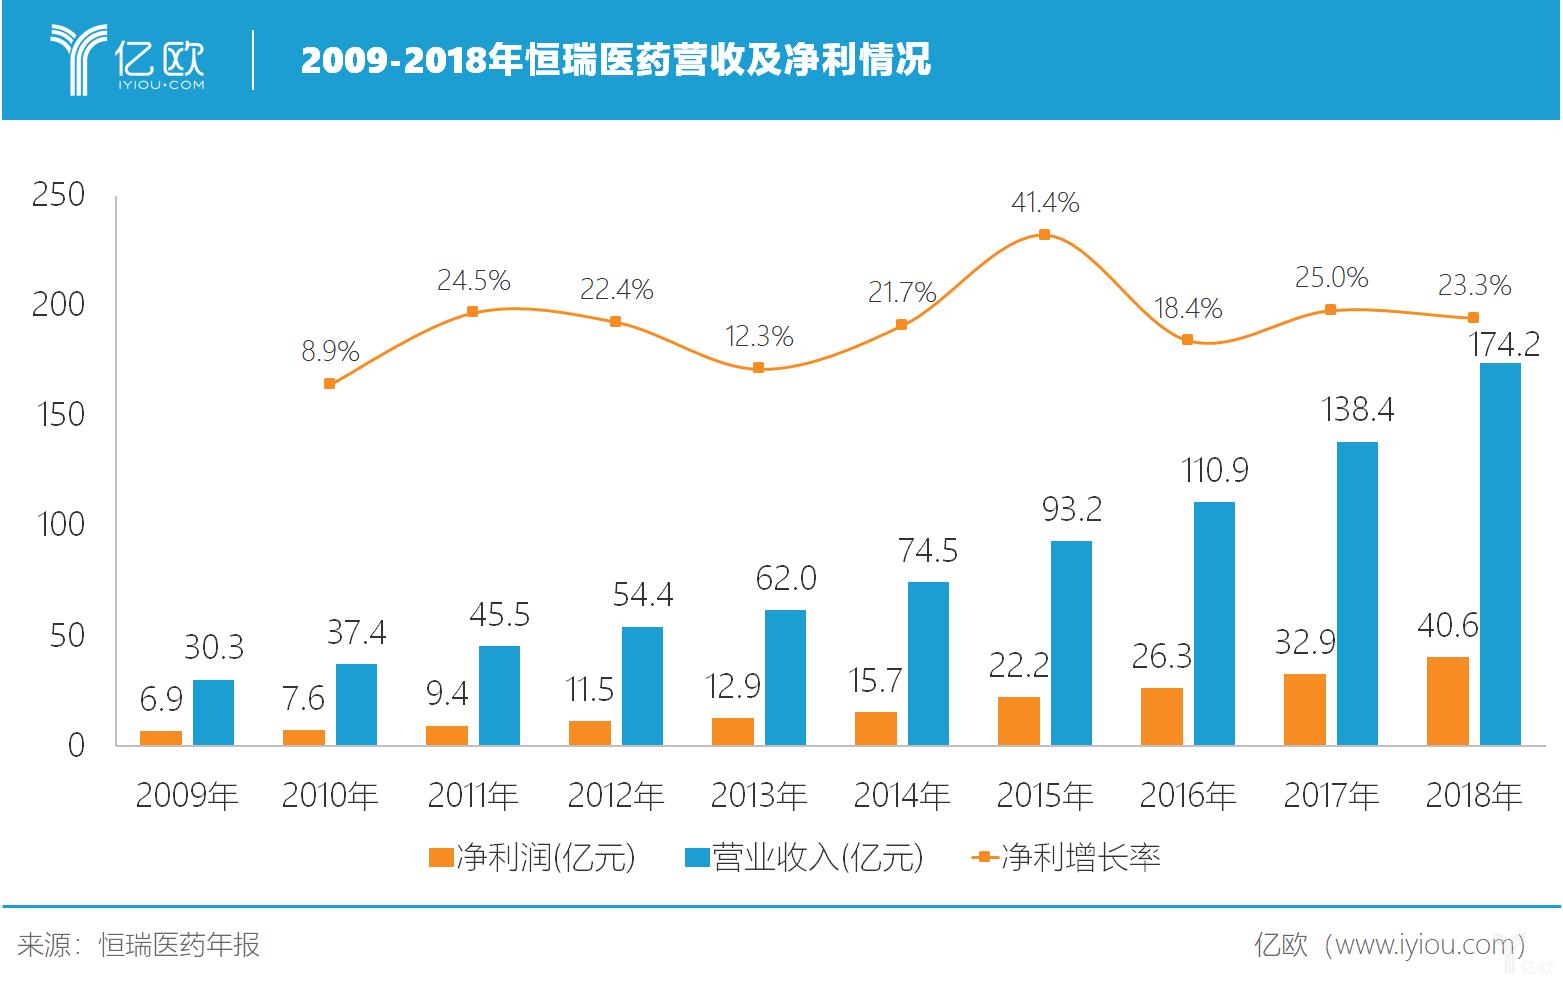 亿欧智库:2009-2018年恒瑞医药营收及净利情况